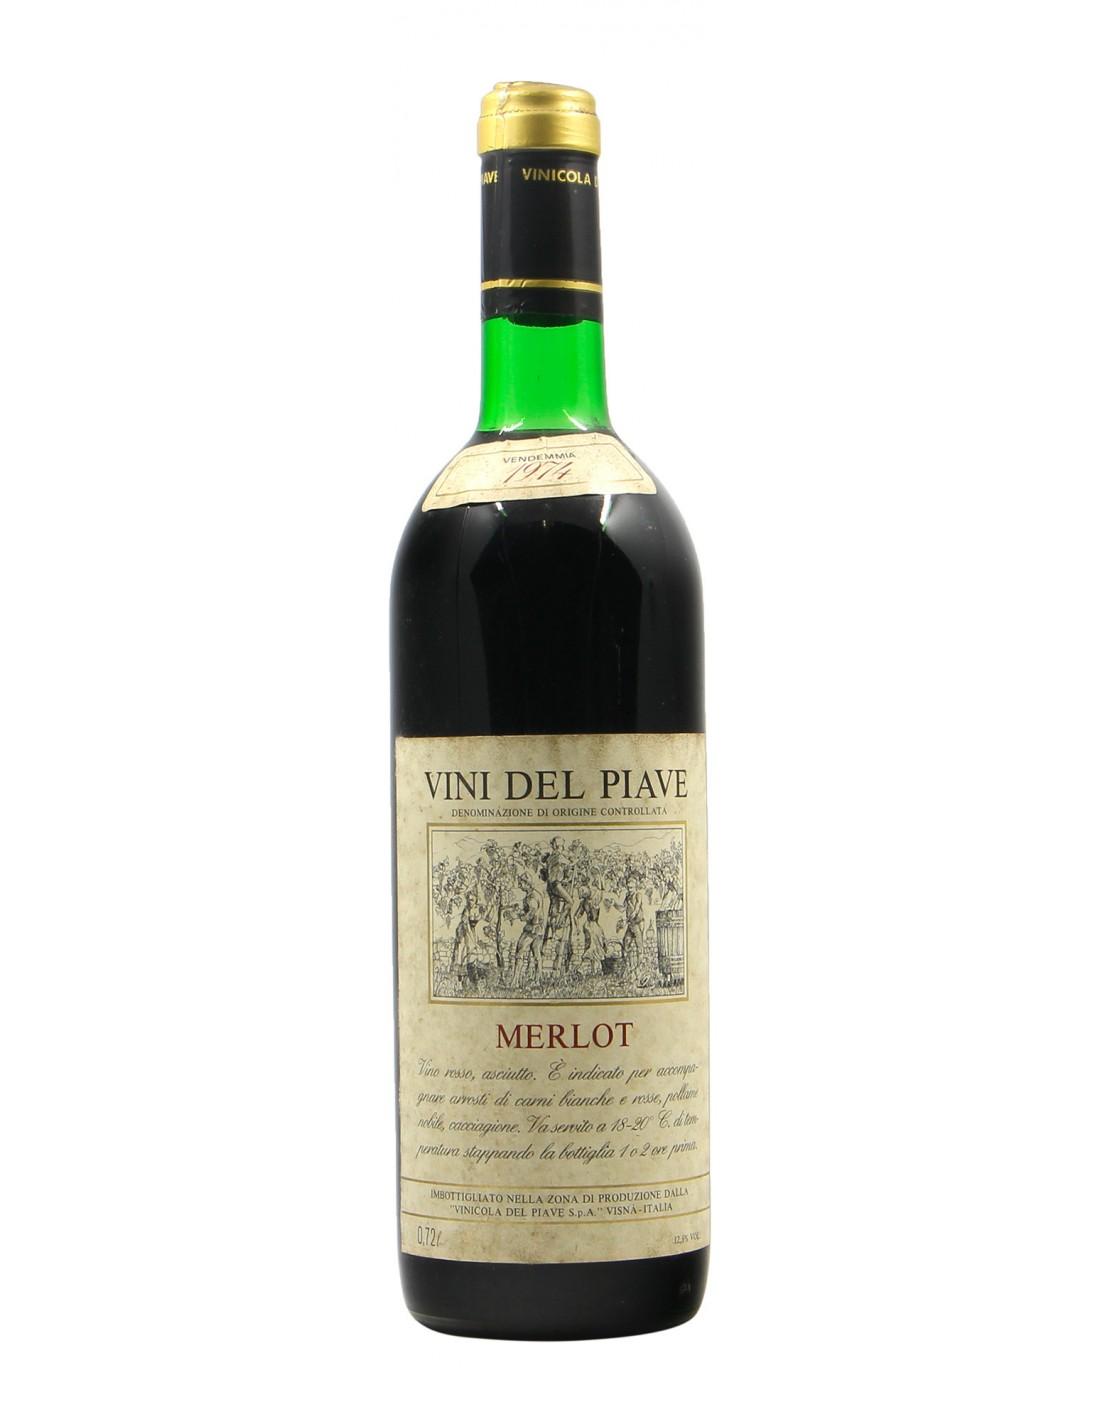 Merlot 1974 VINICOLA DEL PIAVE GRANDI BOTTIGLIE